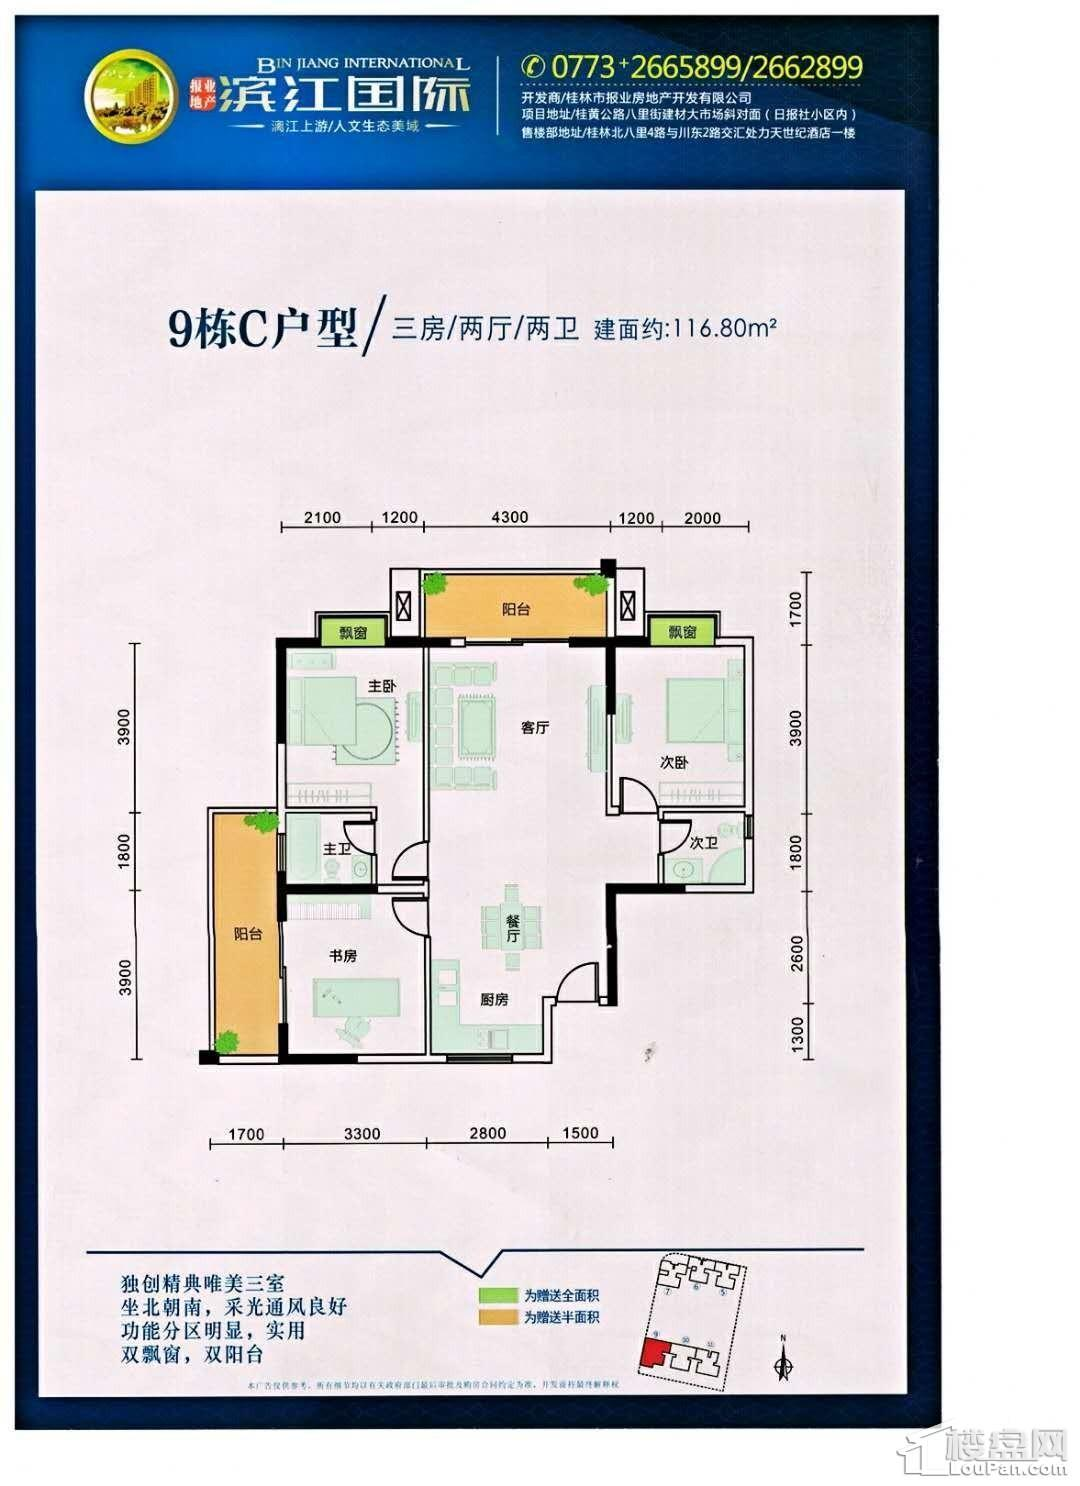 滨江国际桂林日报社小区 -9#C户型